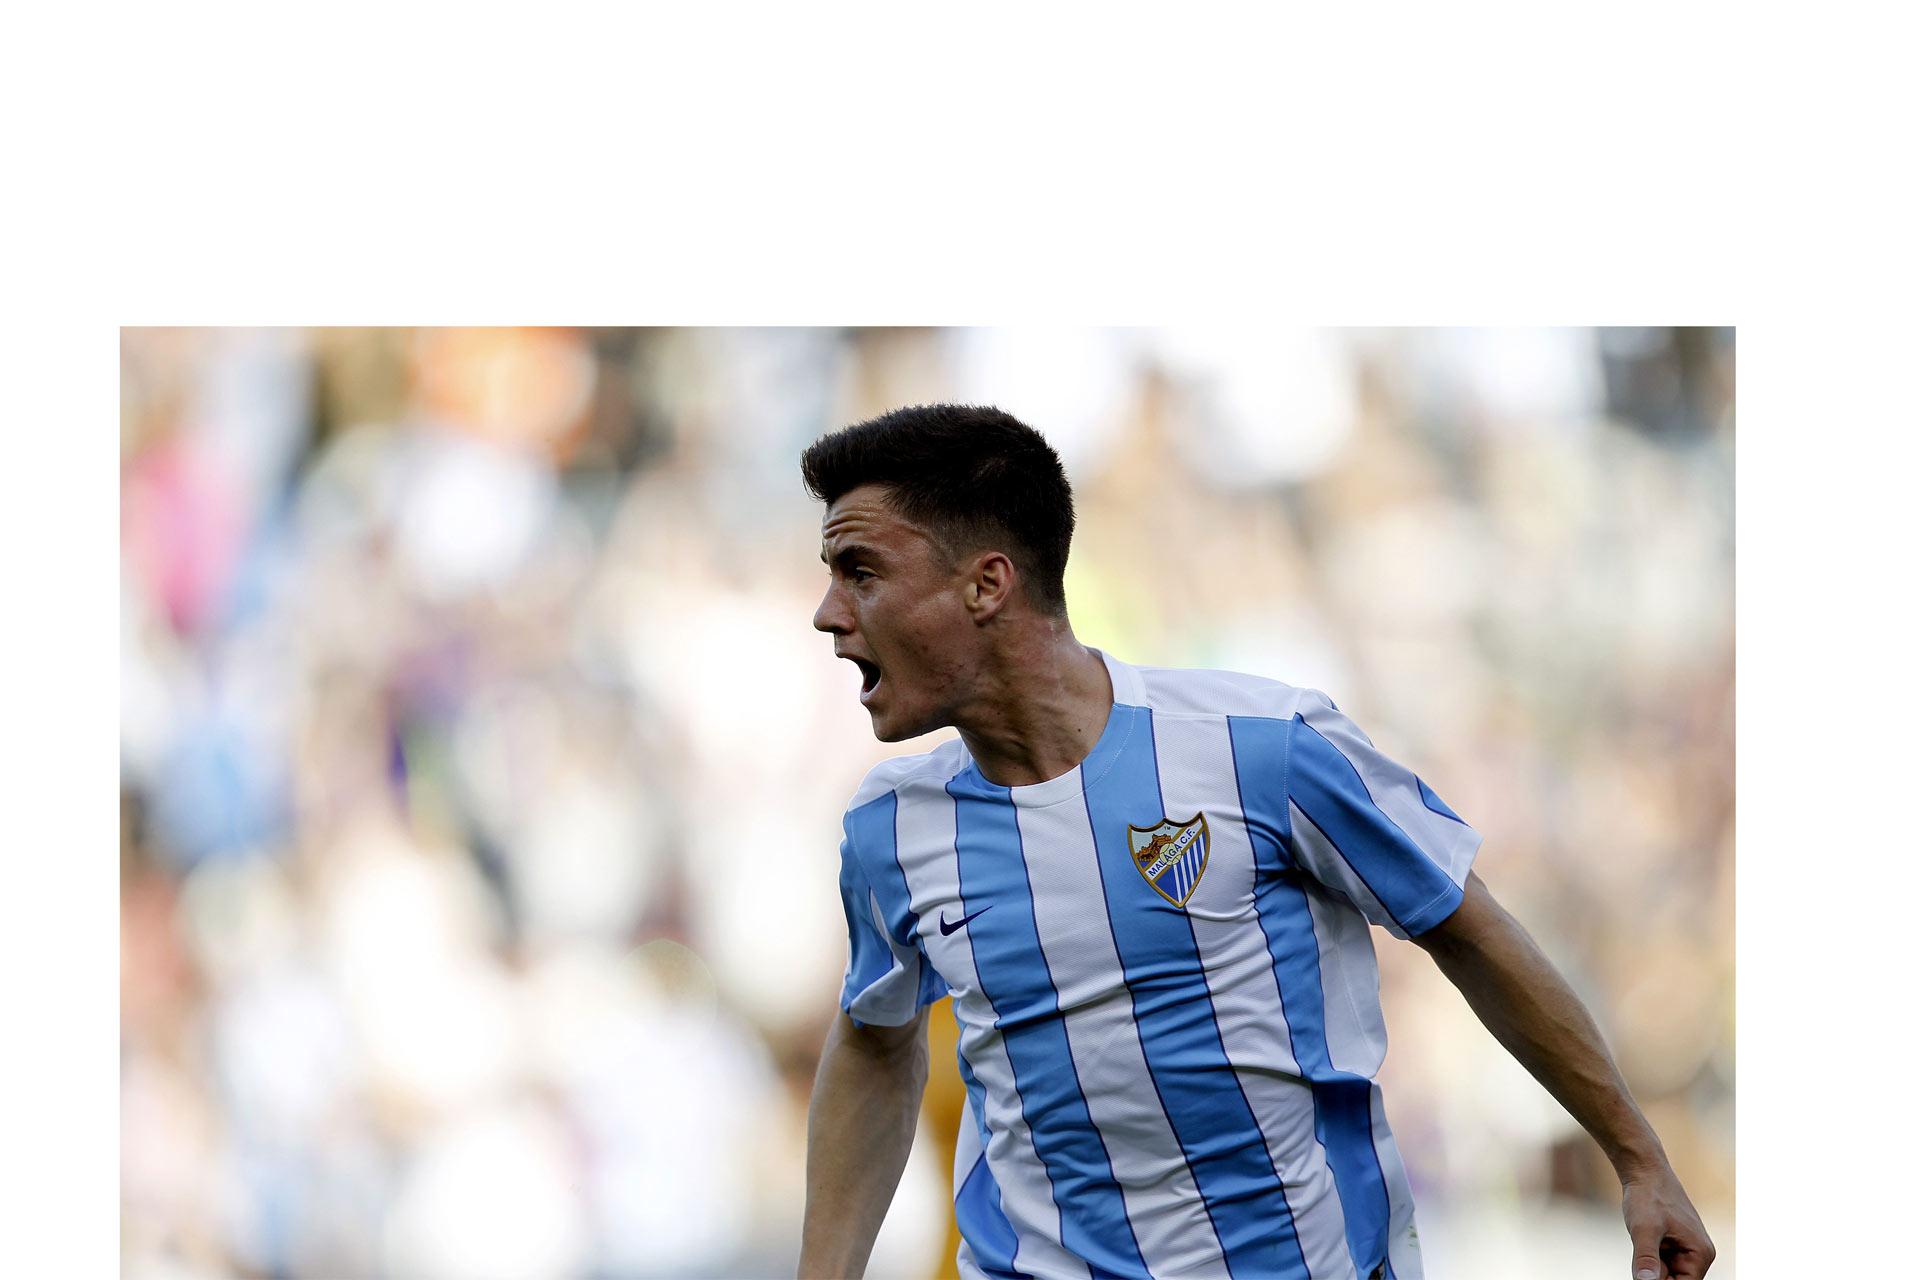 El mediocampista venezolano disputó 1619 minutos en la temporada que recién terminó y marcó cuatro goles